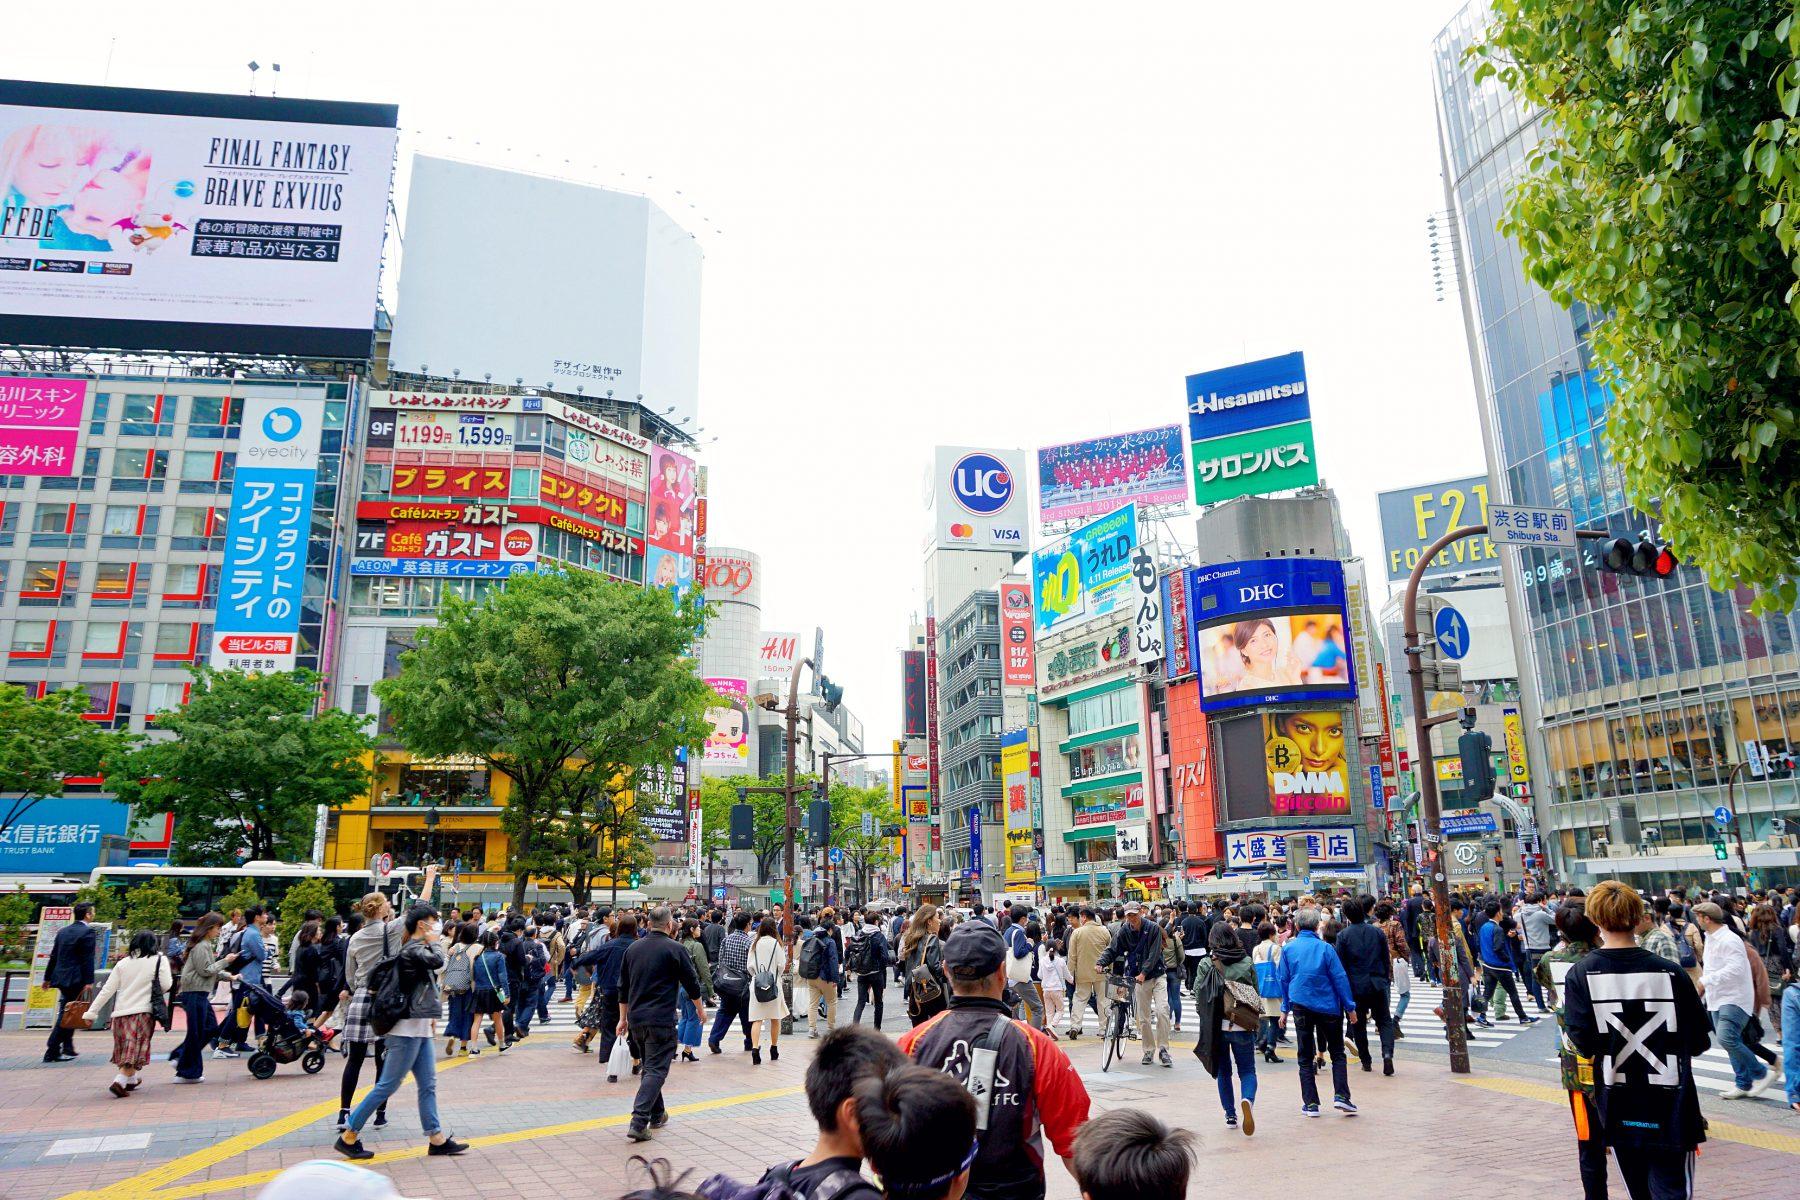 9dd0a53a7 PÅ SHOPPING I TOKYO   Kristin Gjelsvik